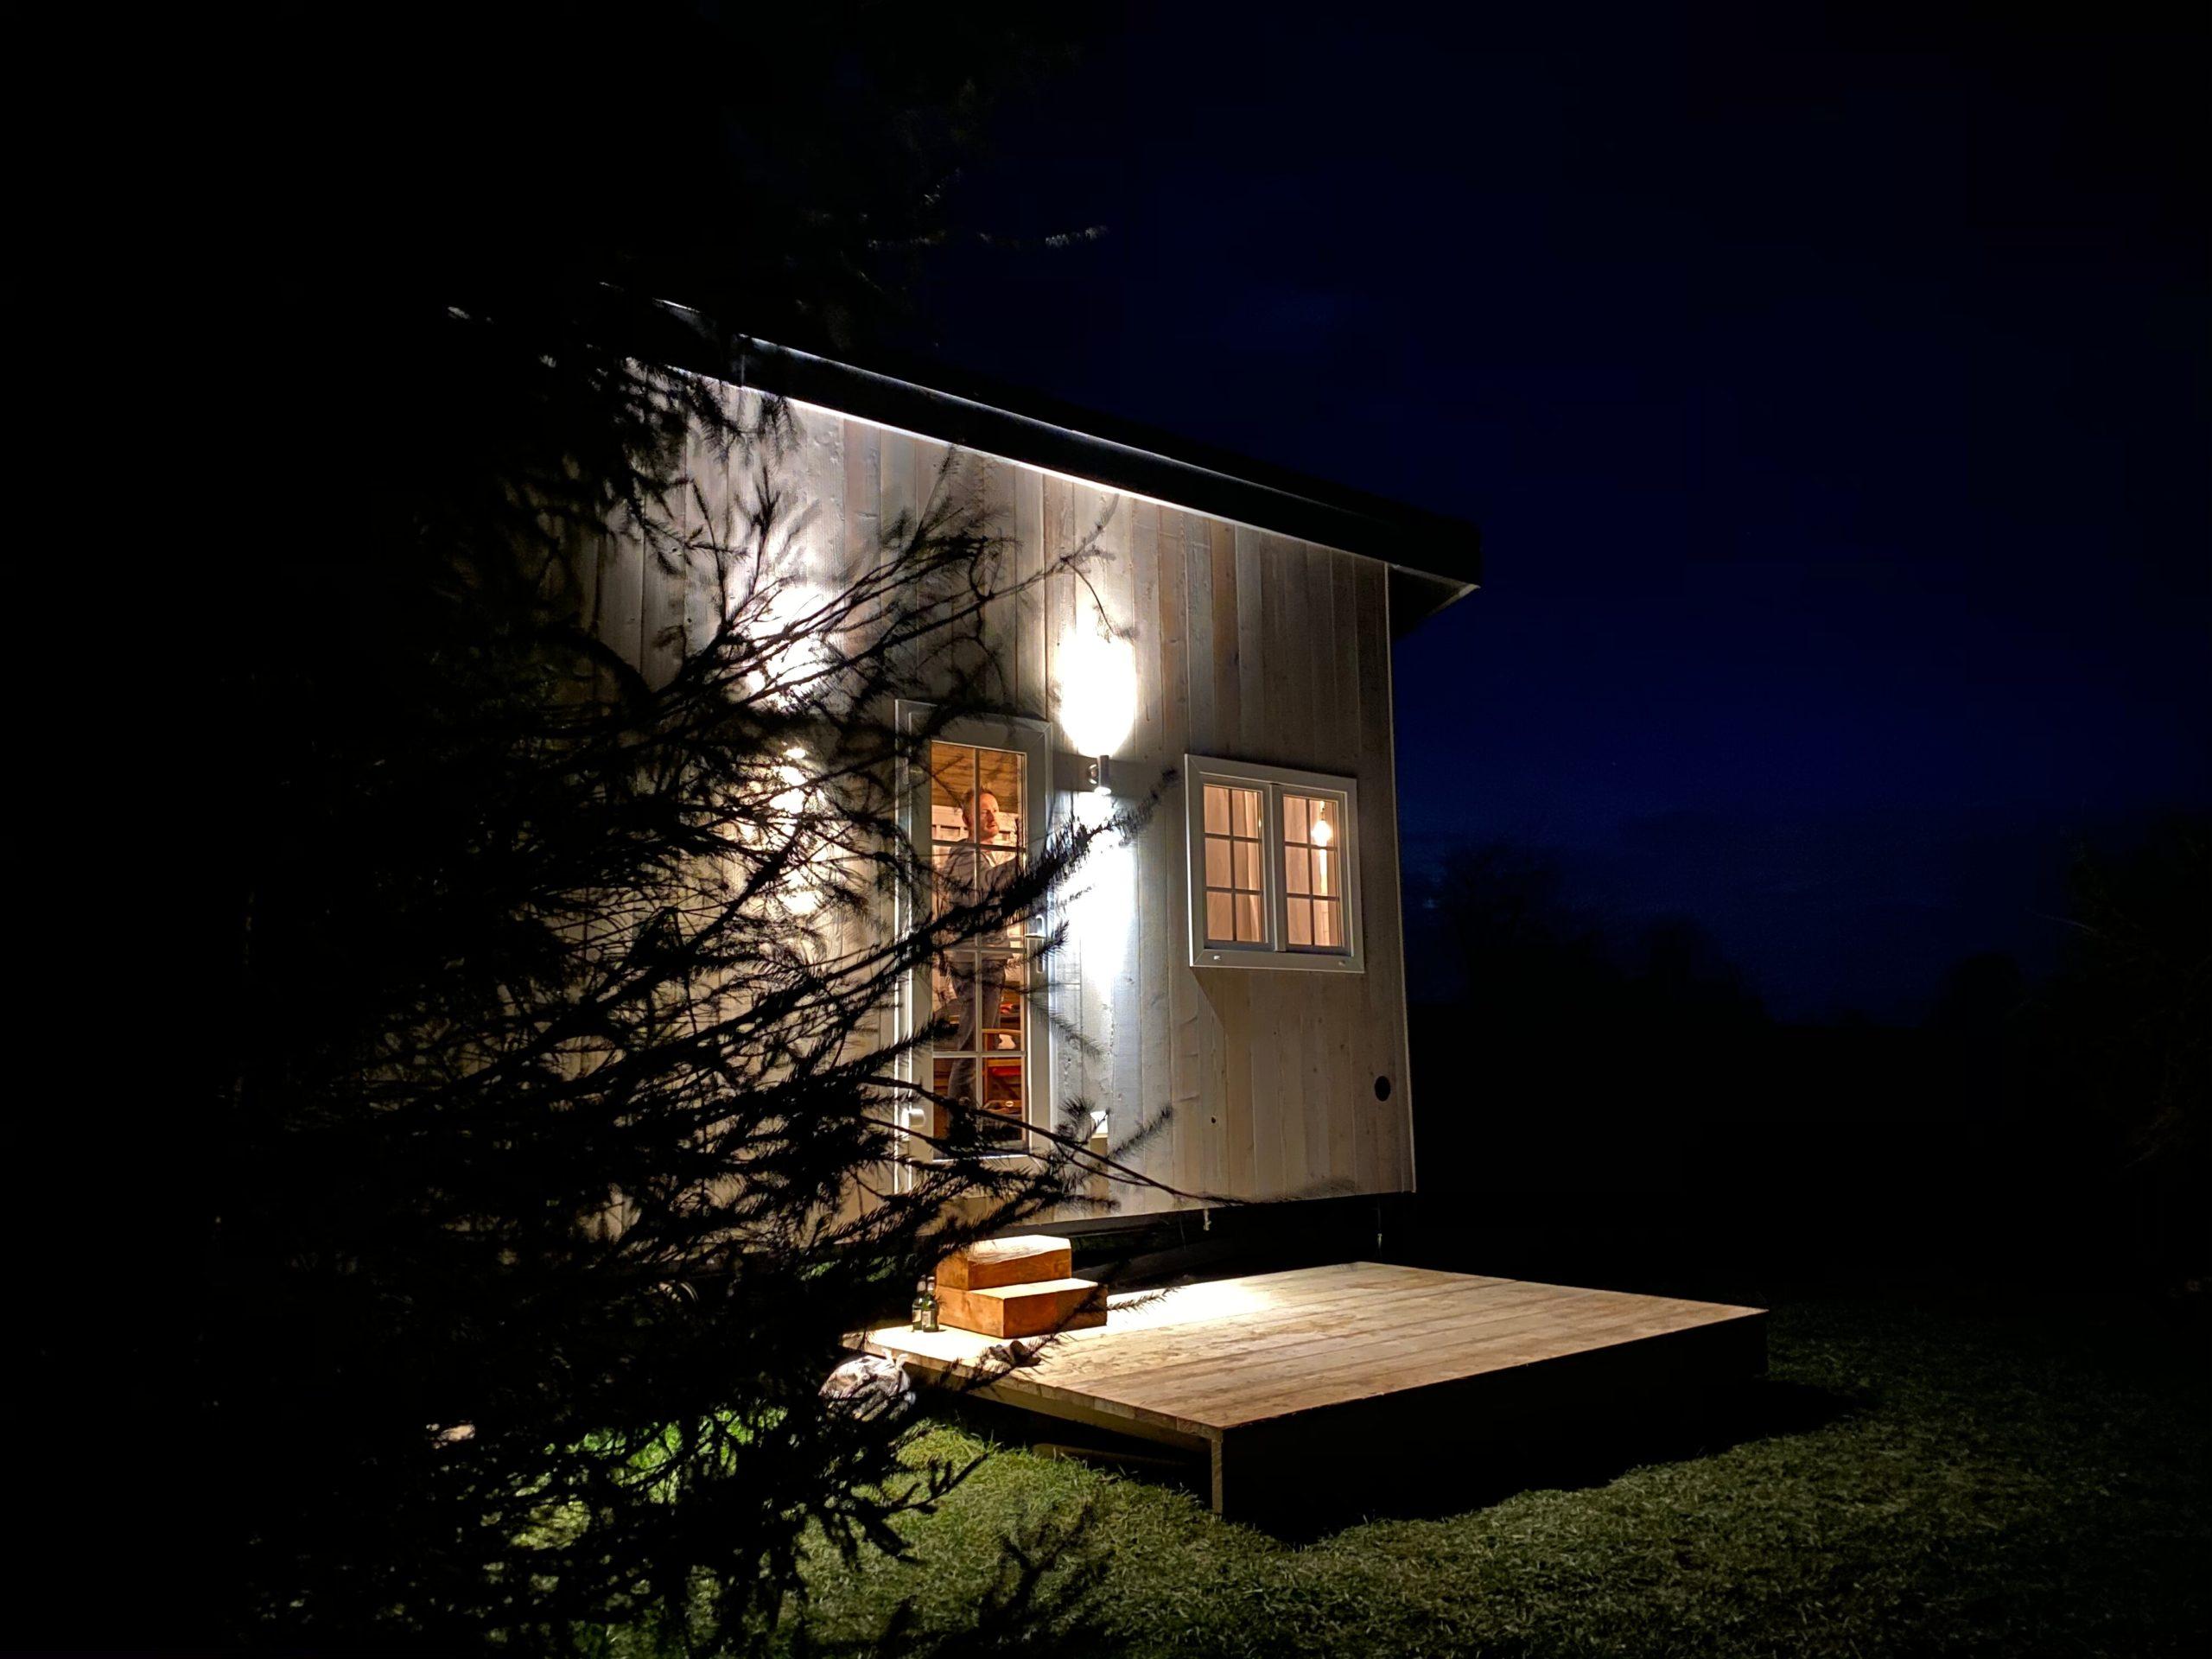 gebautes-chalet-tietzer-vital-camp-gmbh12